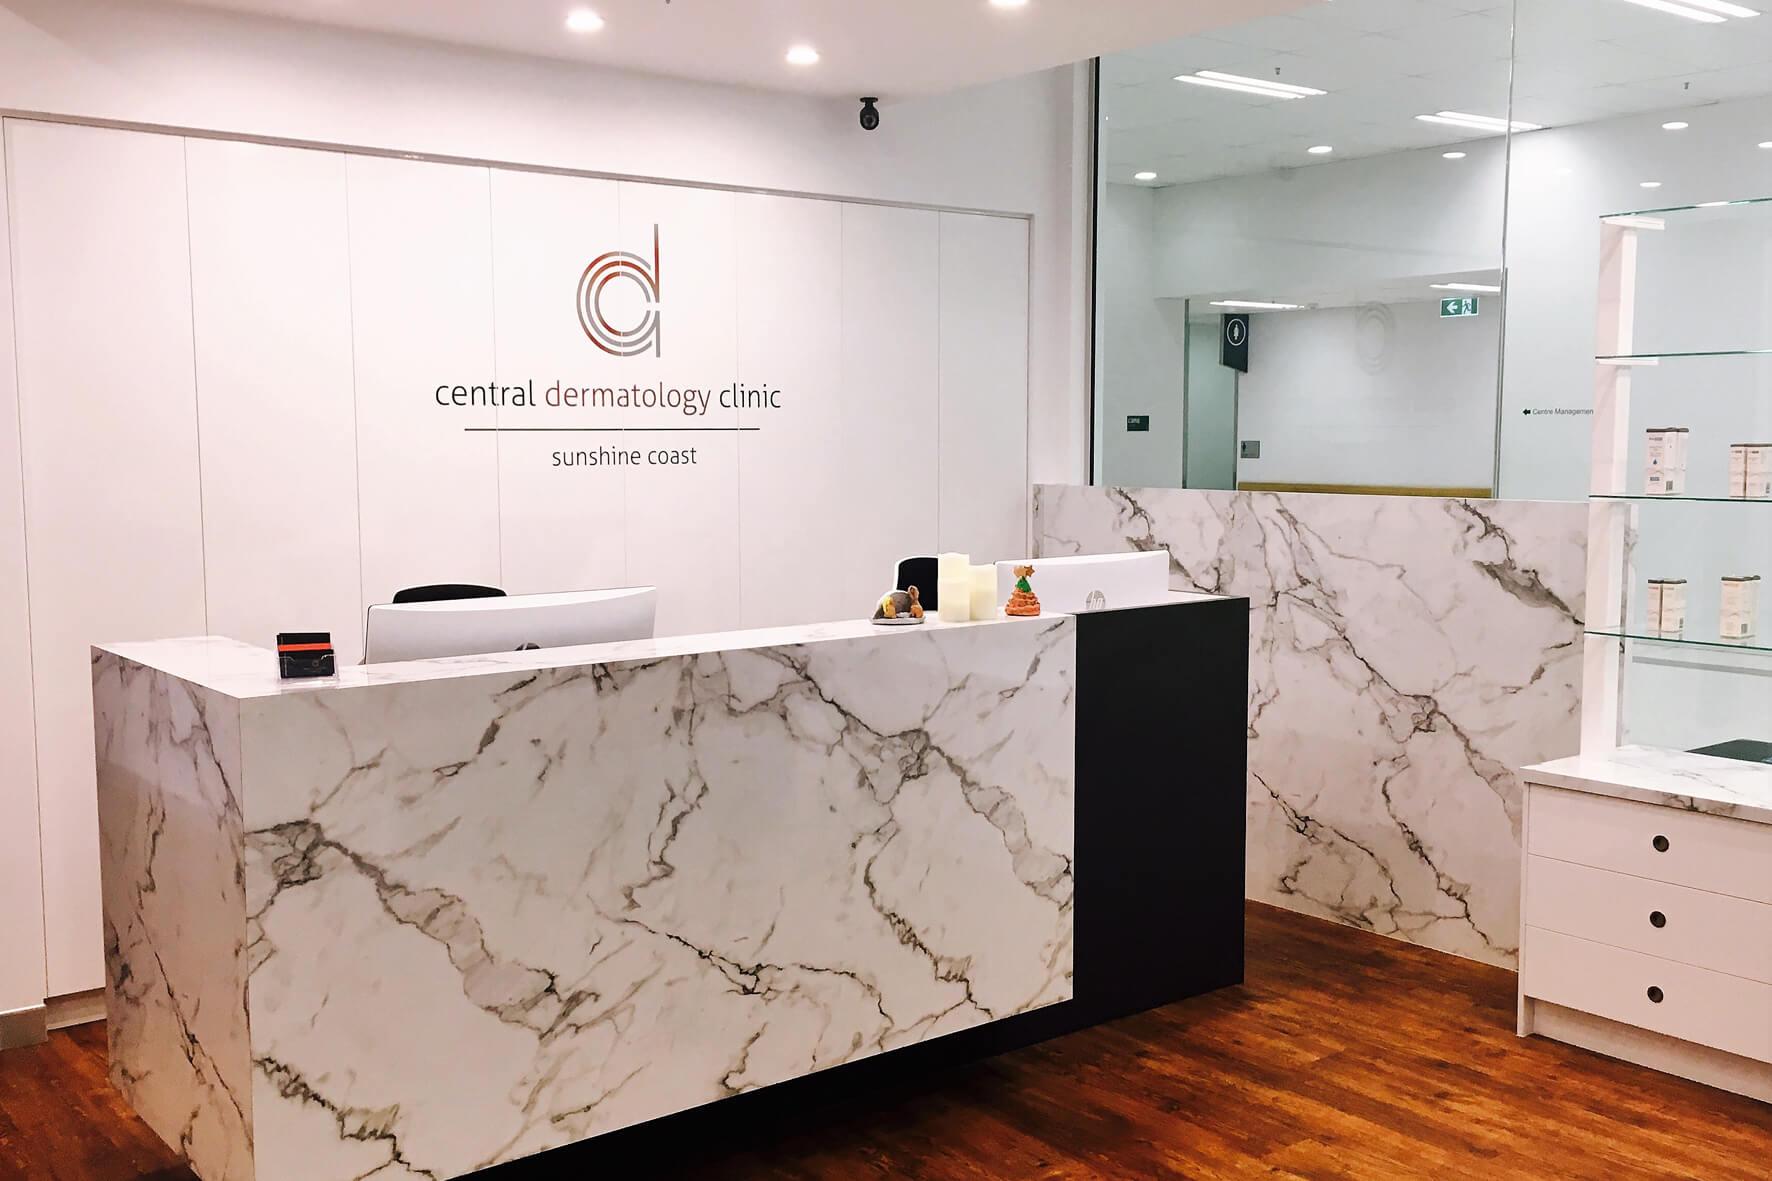 Dr christina sander dermatologist central dermatology clinic for Dermatology clinic interior design